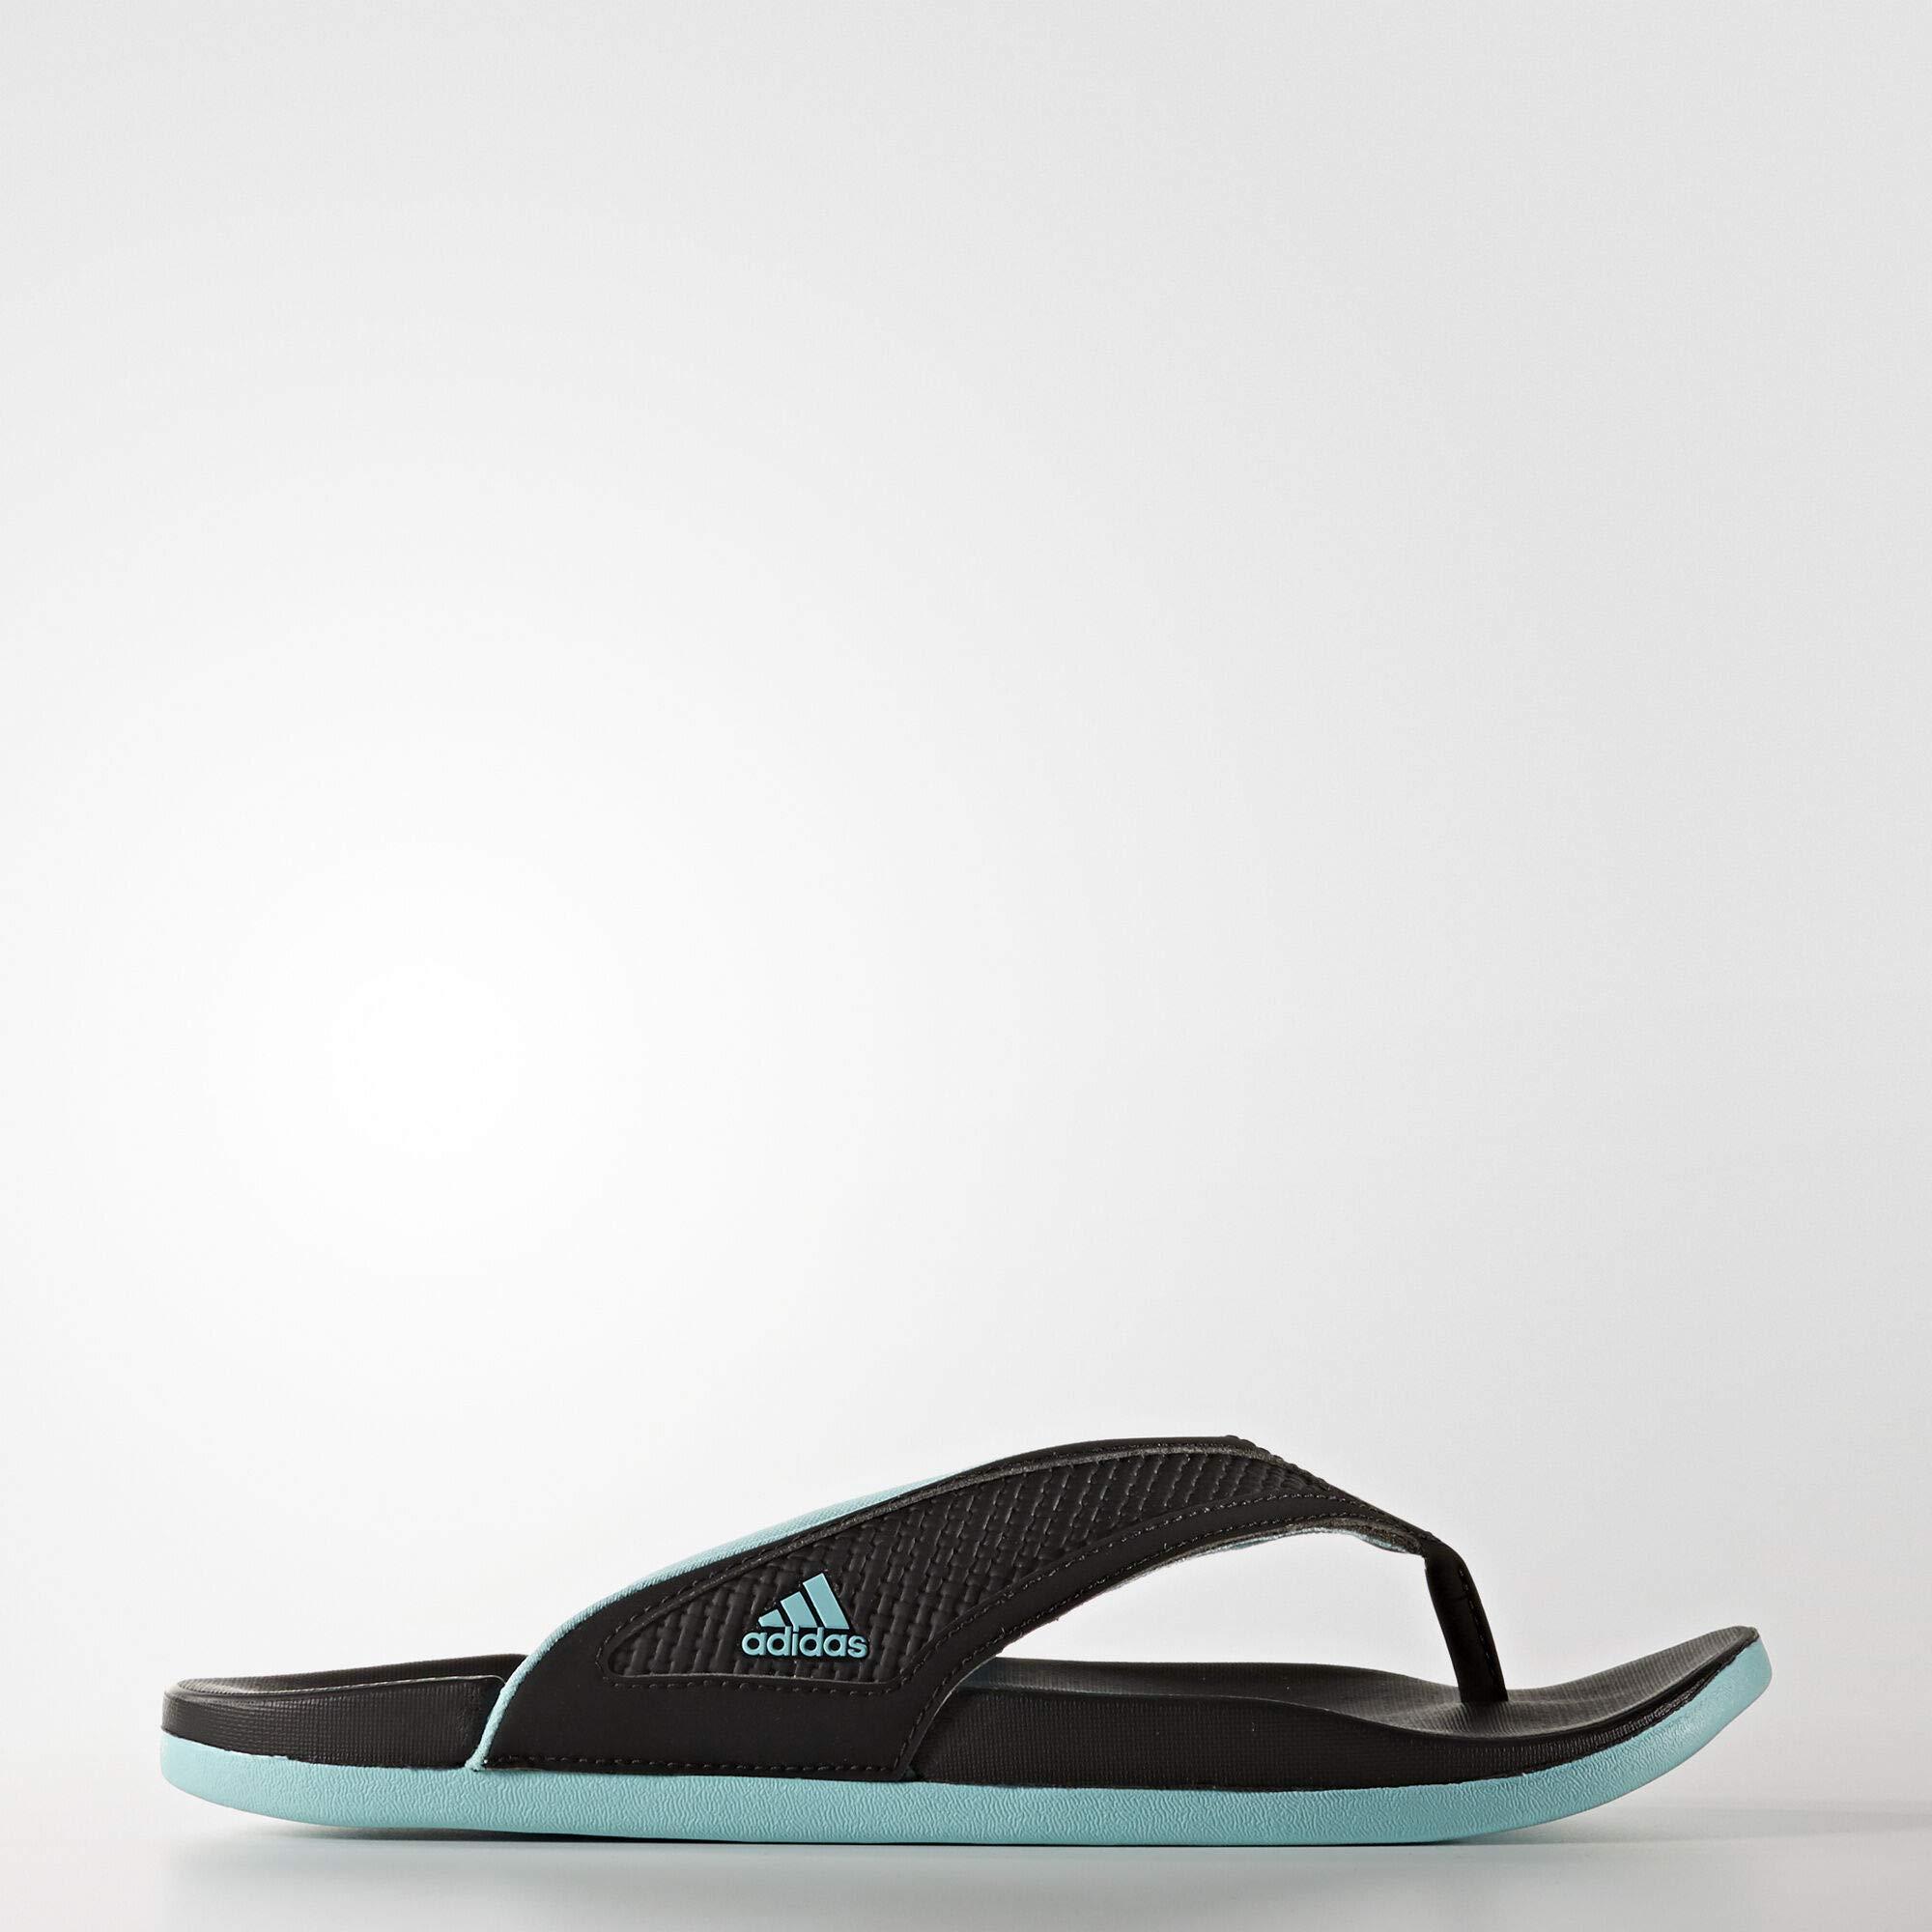 87f582a8d70ca adidas Adilette CF+ Summer Womens Sandals (7, Grey)